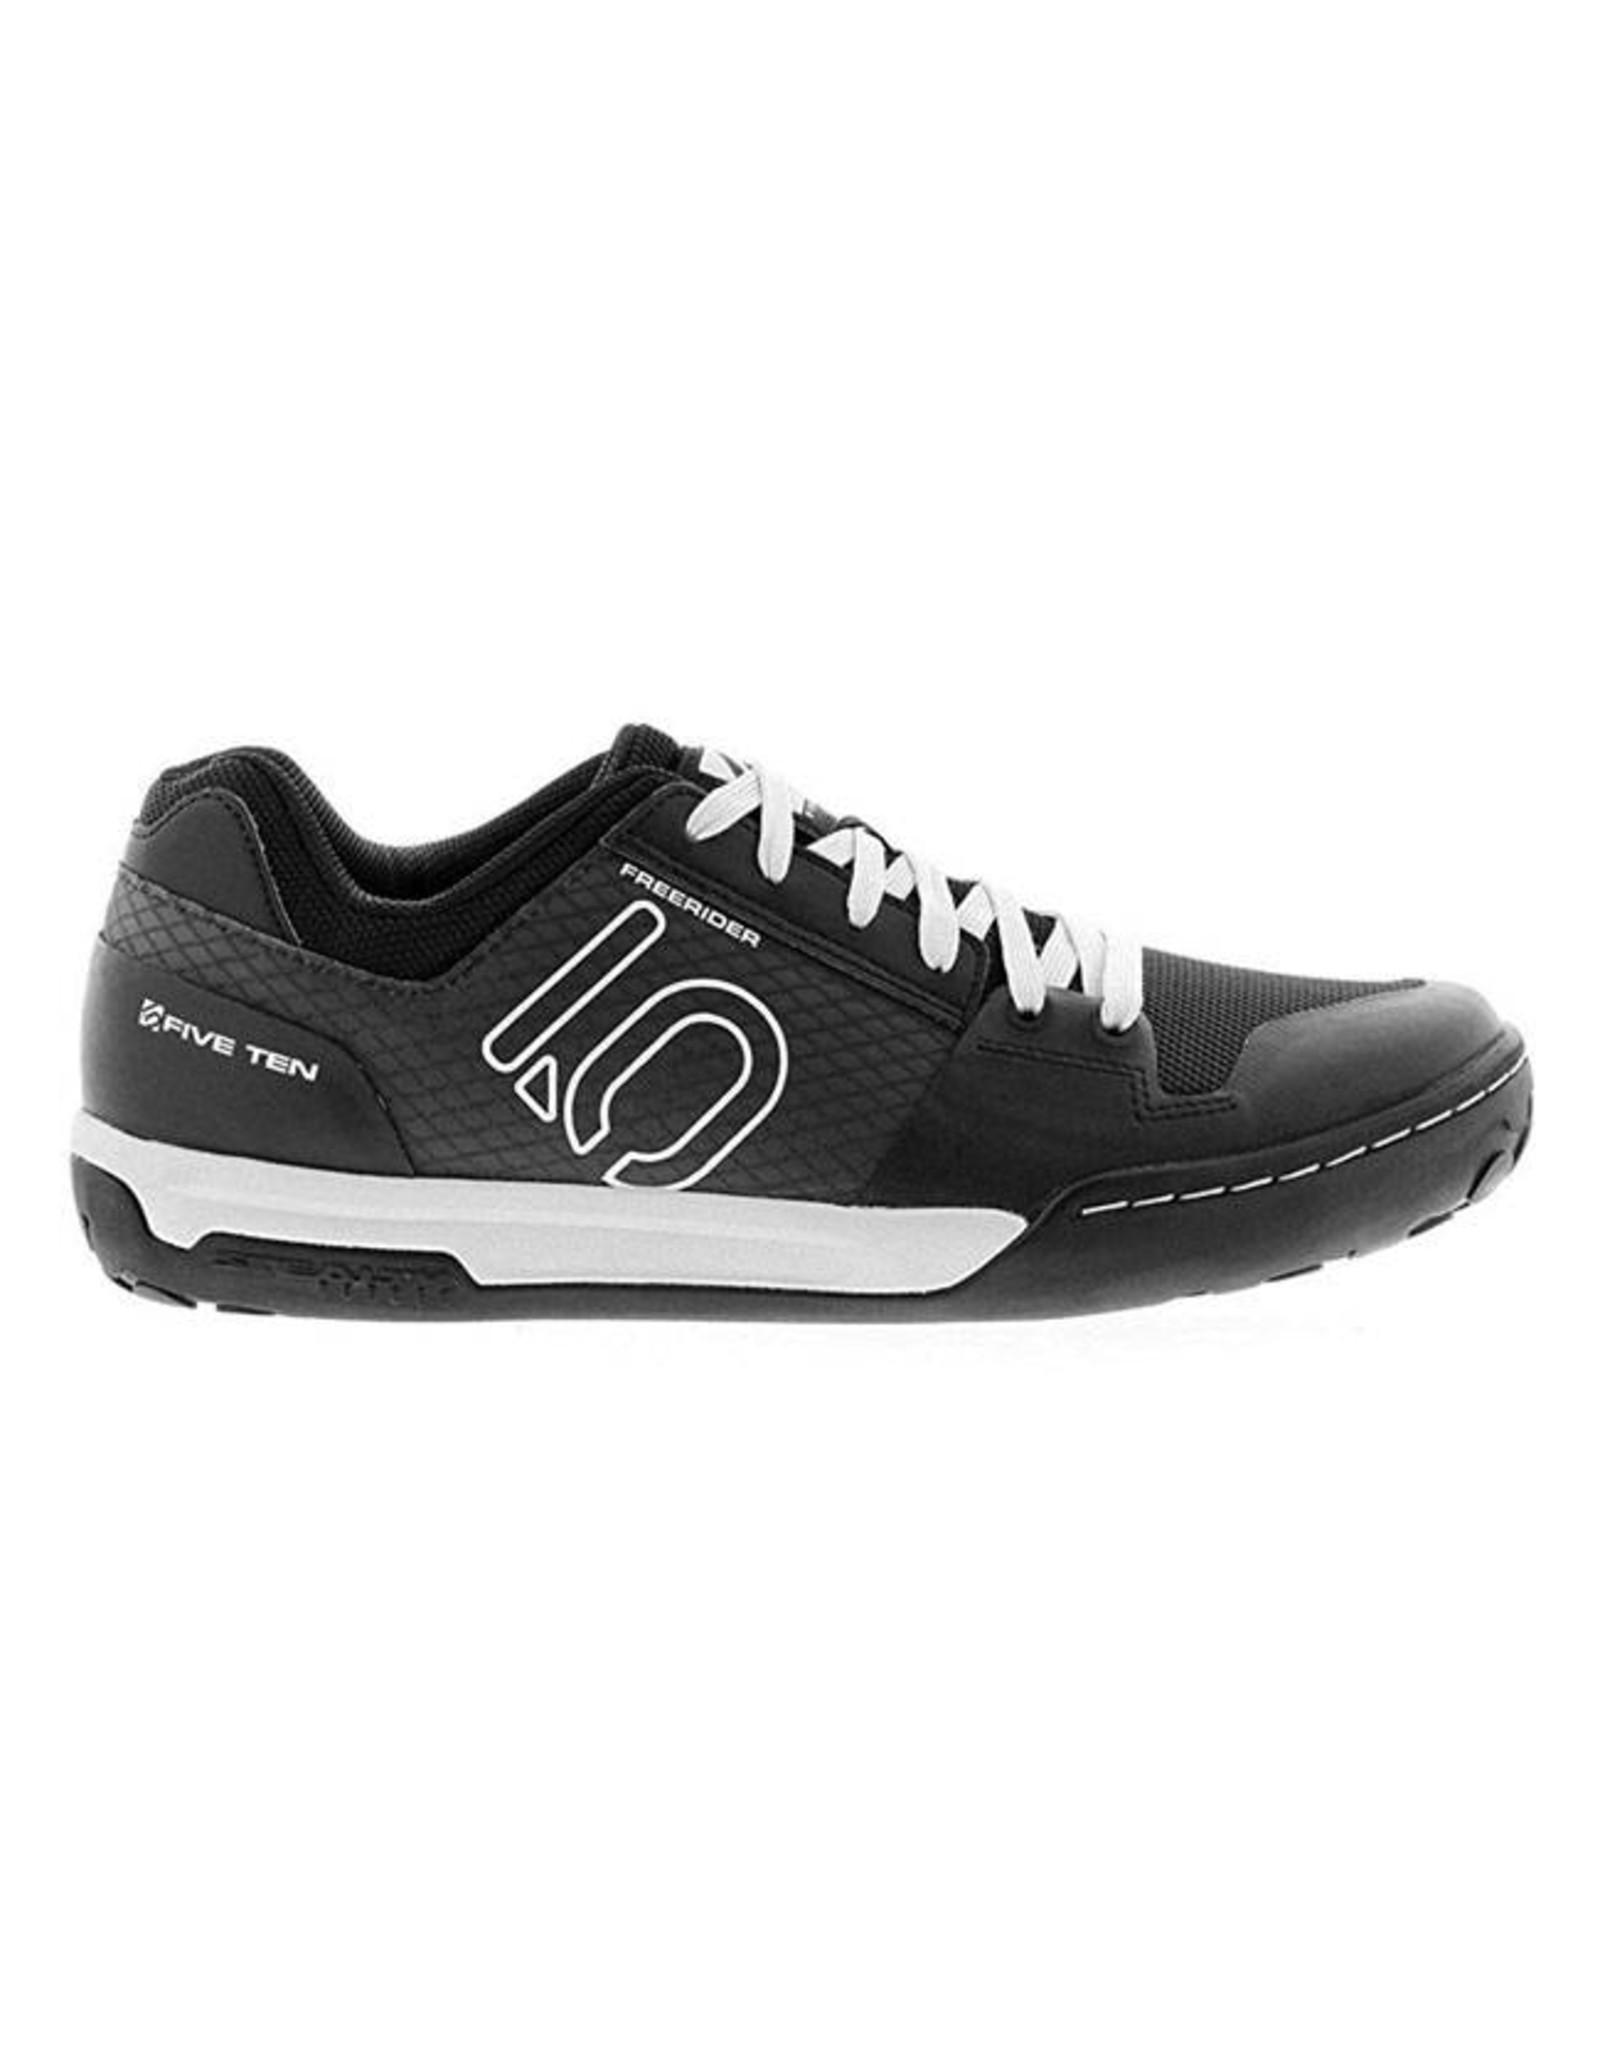 Five Ten Five Ten Freerider Contact Men's Flat Pedal Shoe: Split Black 6.5